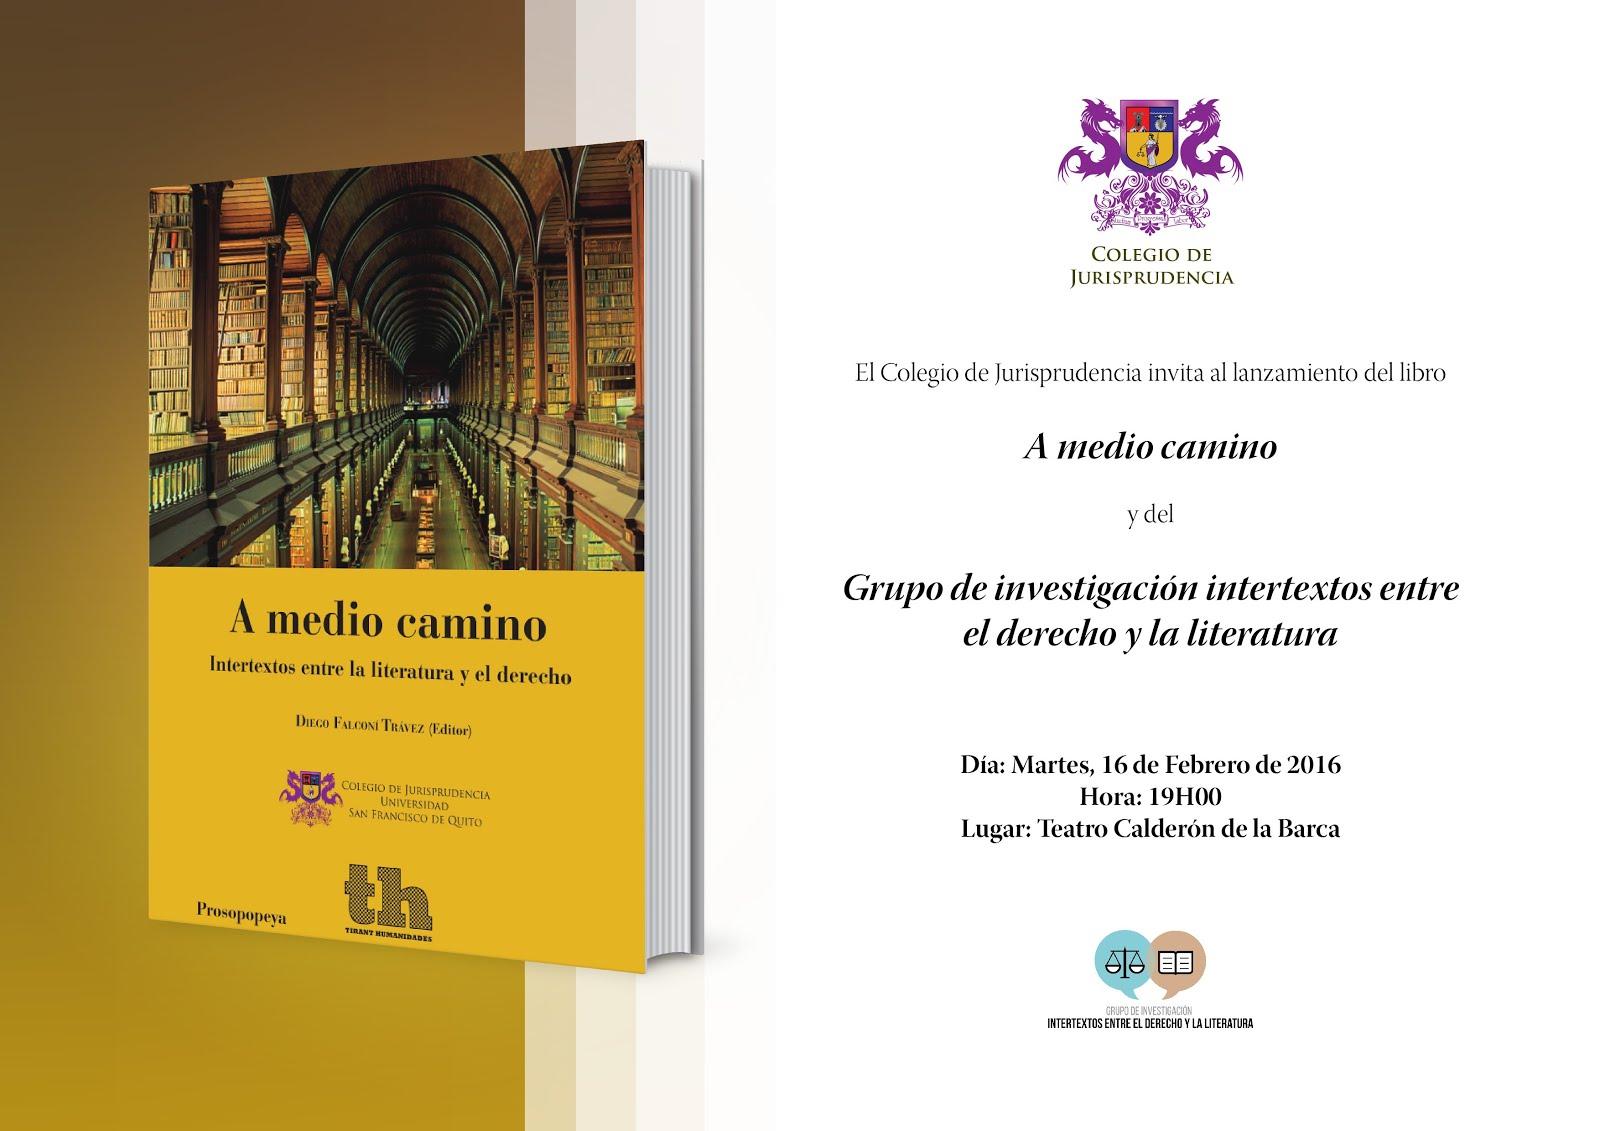 Lanzamiento del libro: A medio Camino y del Grupo de investigación intertextos entre el derecho y la literatura